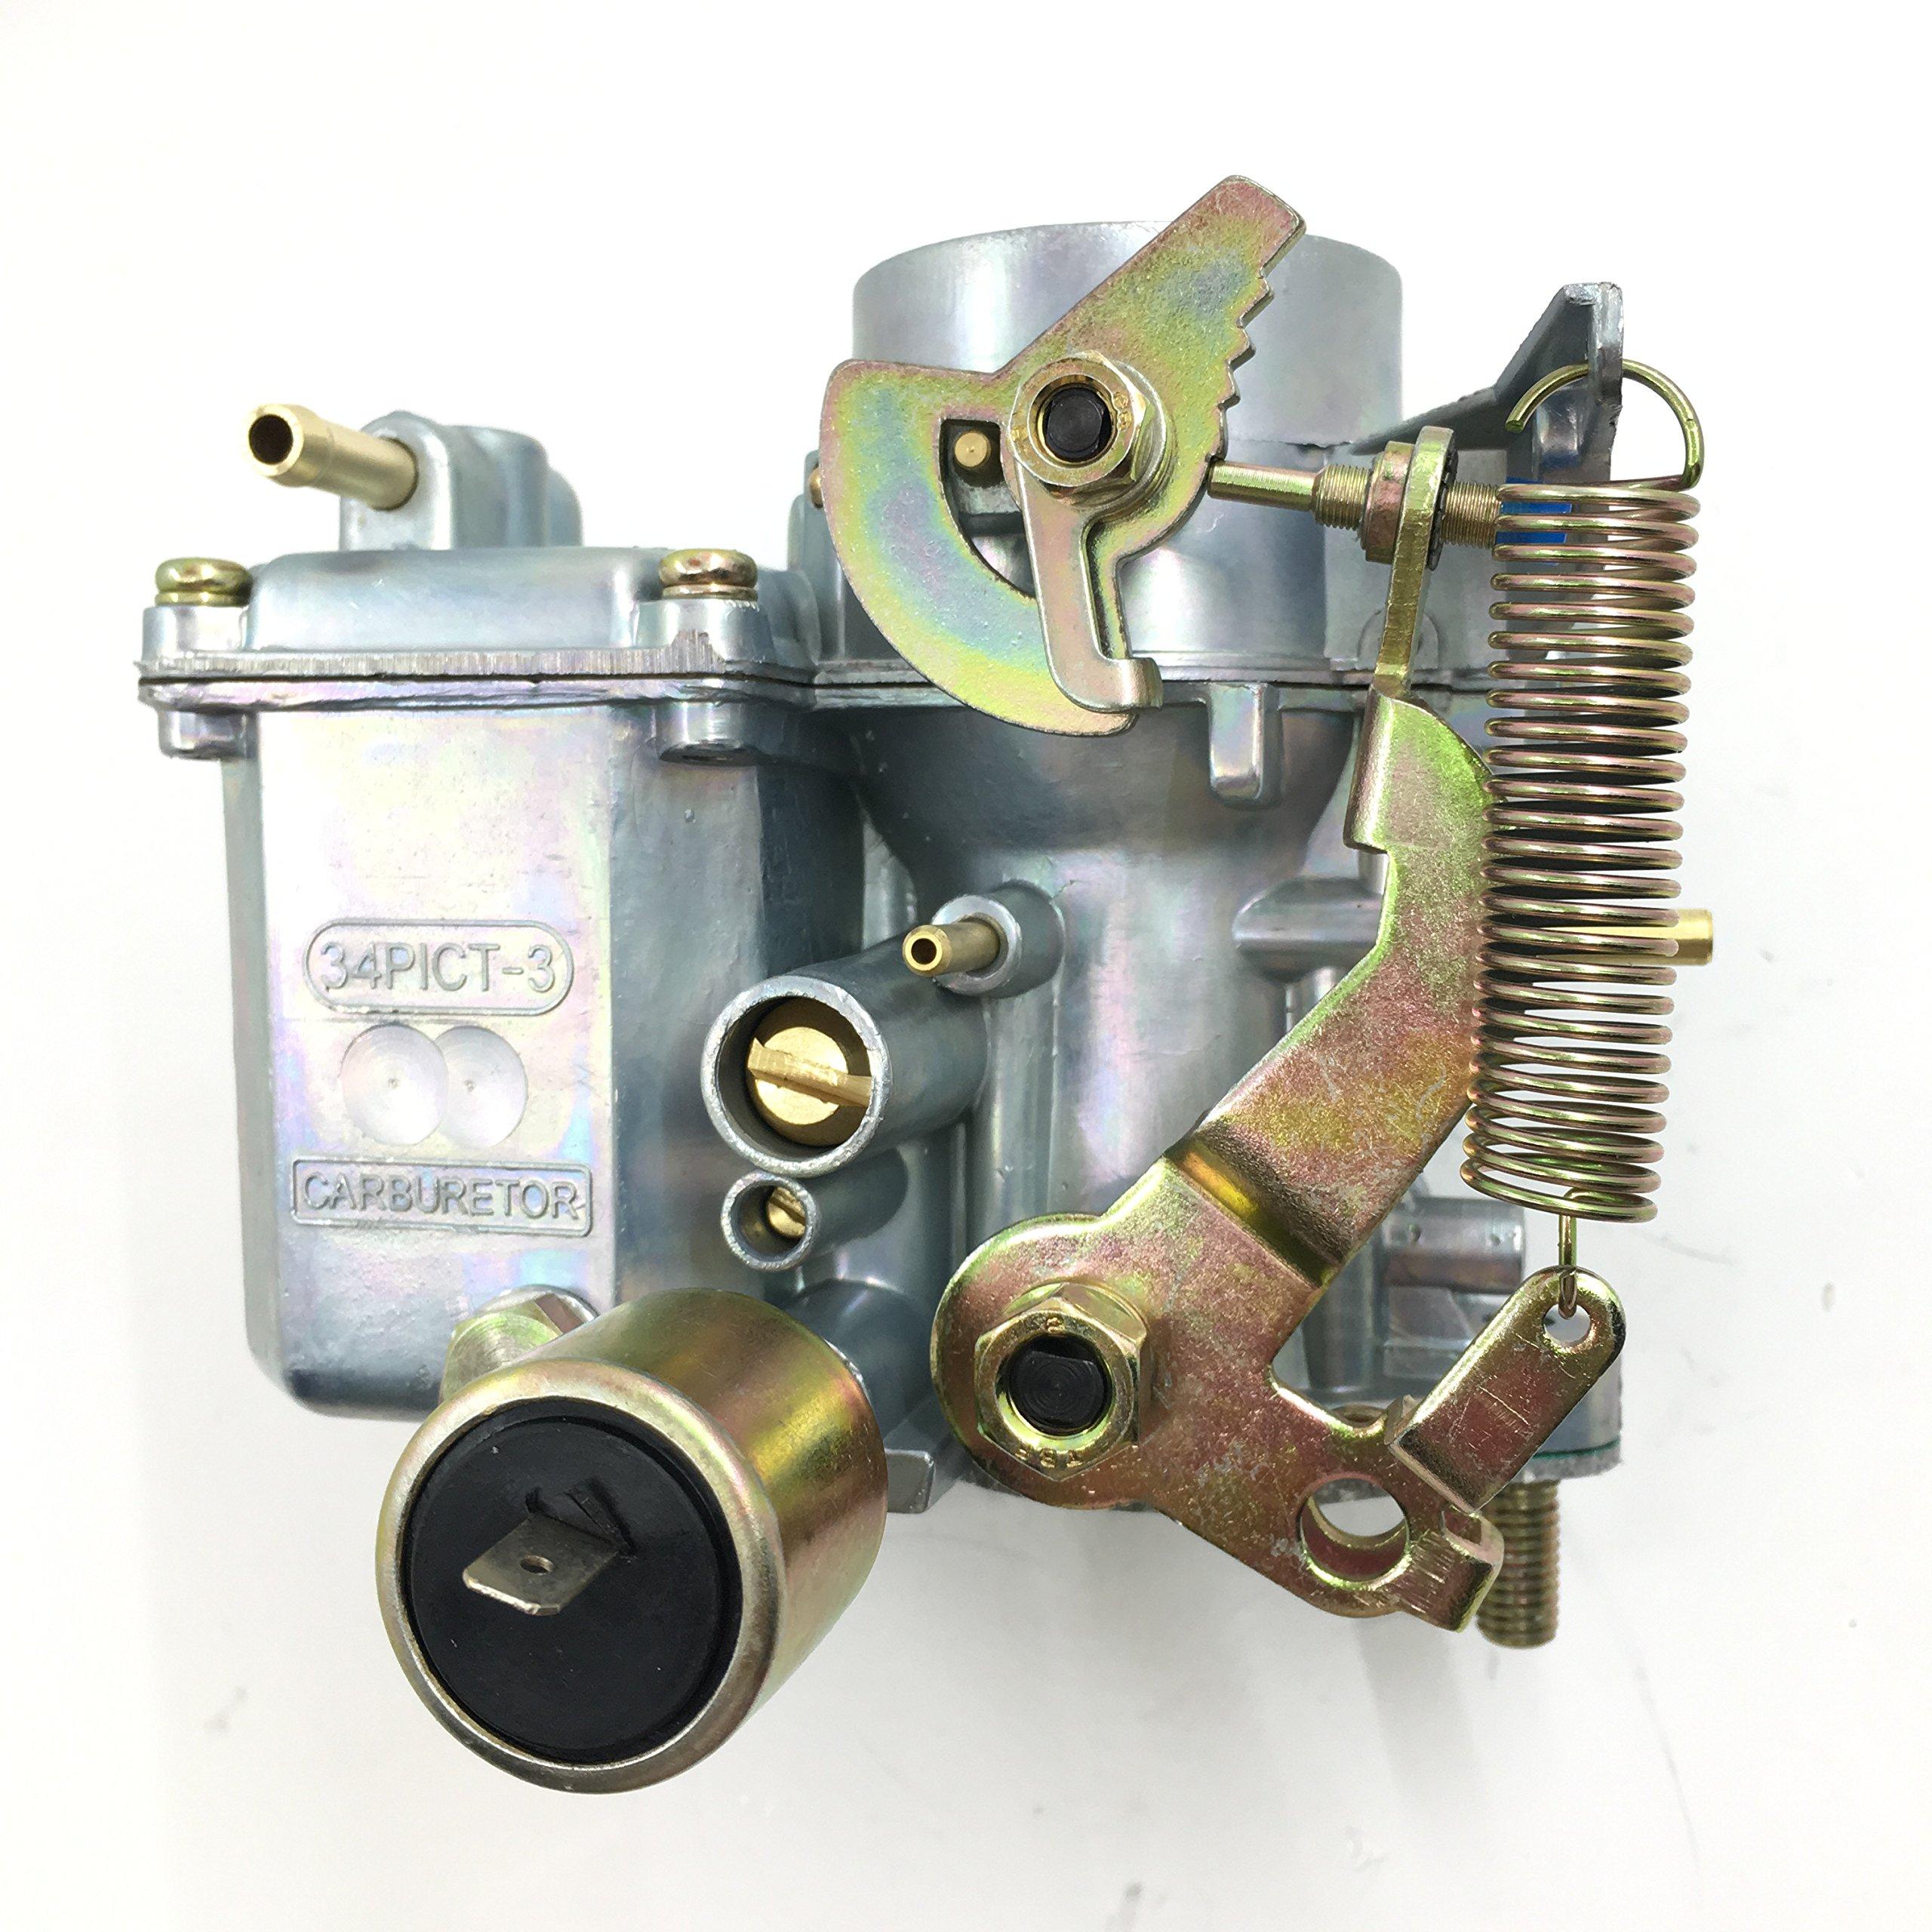 Carburetor For VW Volkswagen 34 PICT-3 12V Electric Choke 113129031K 1600cc